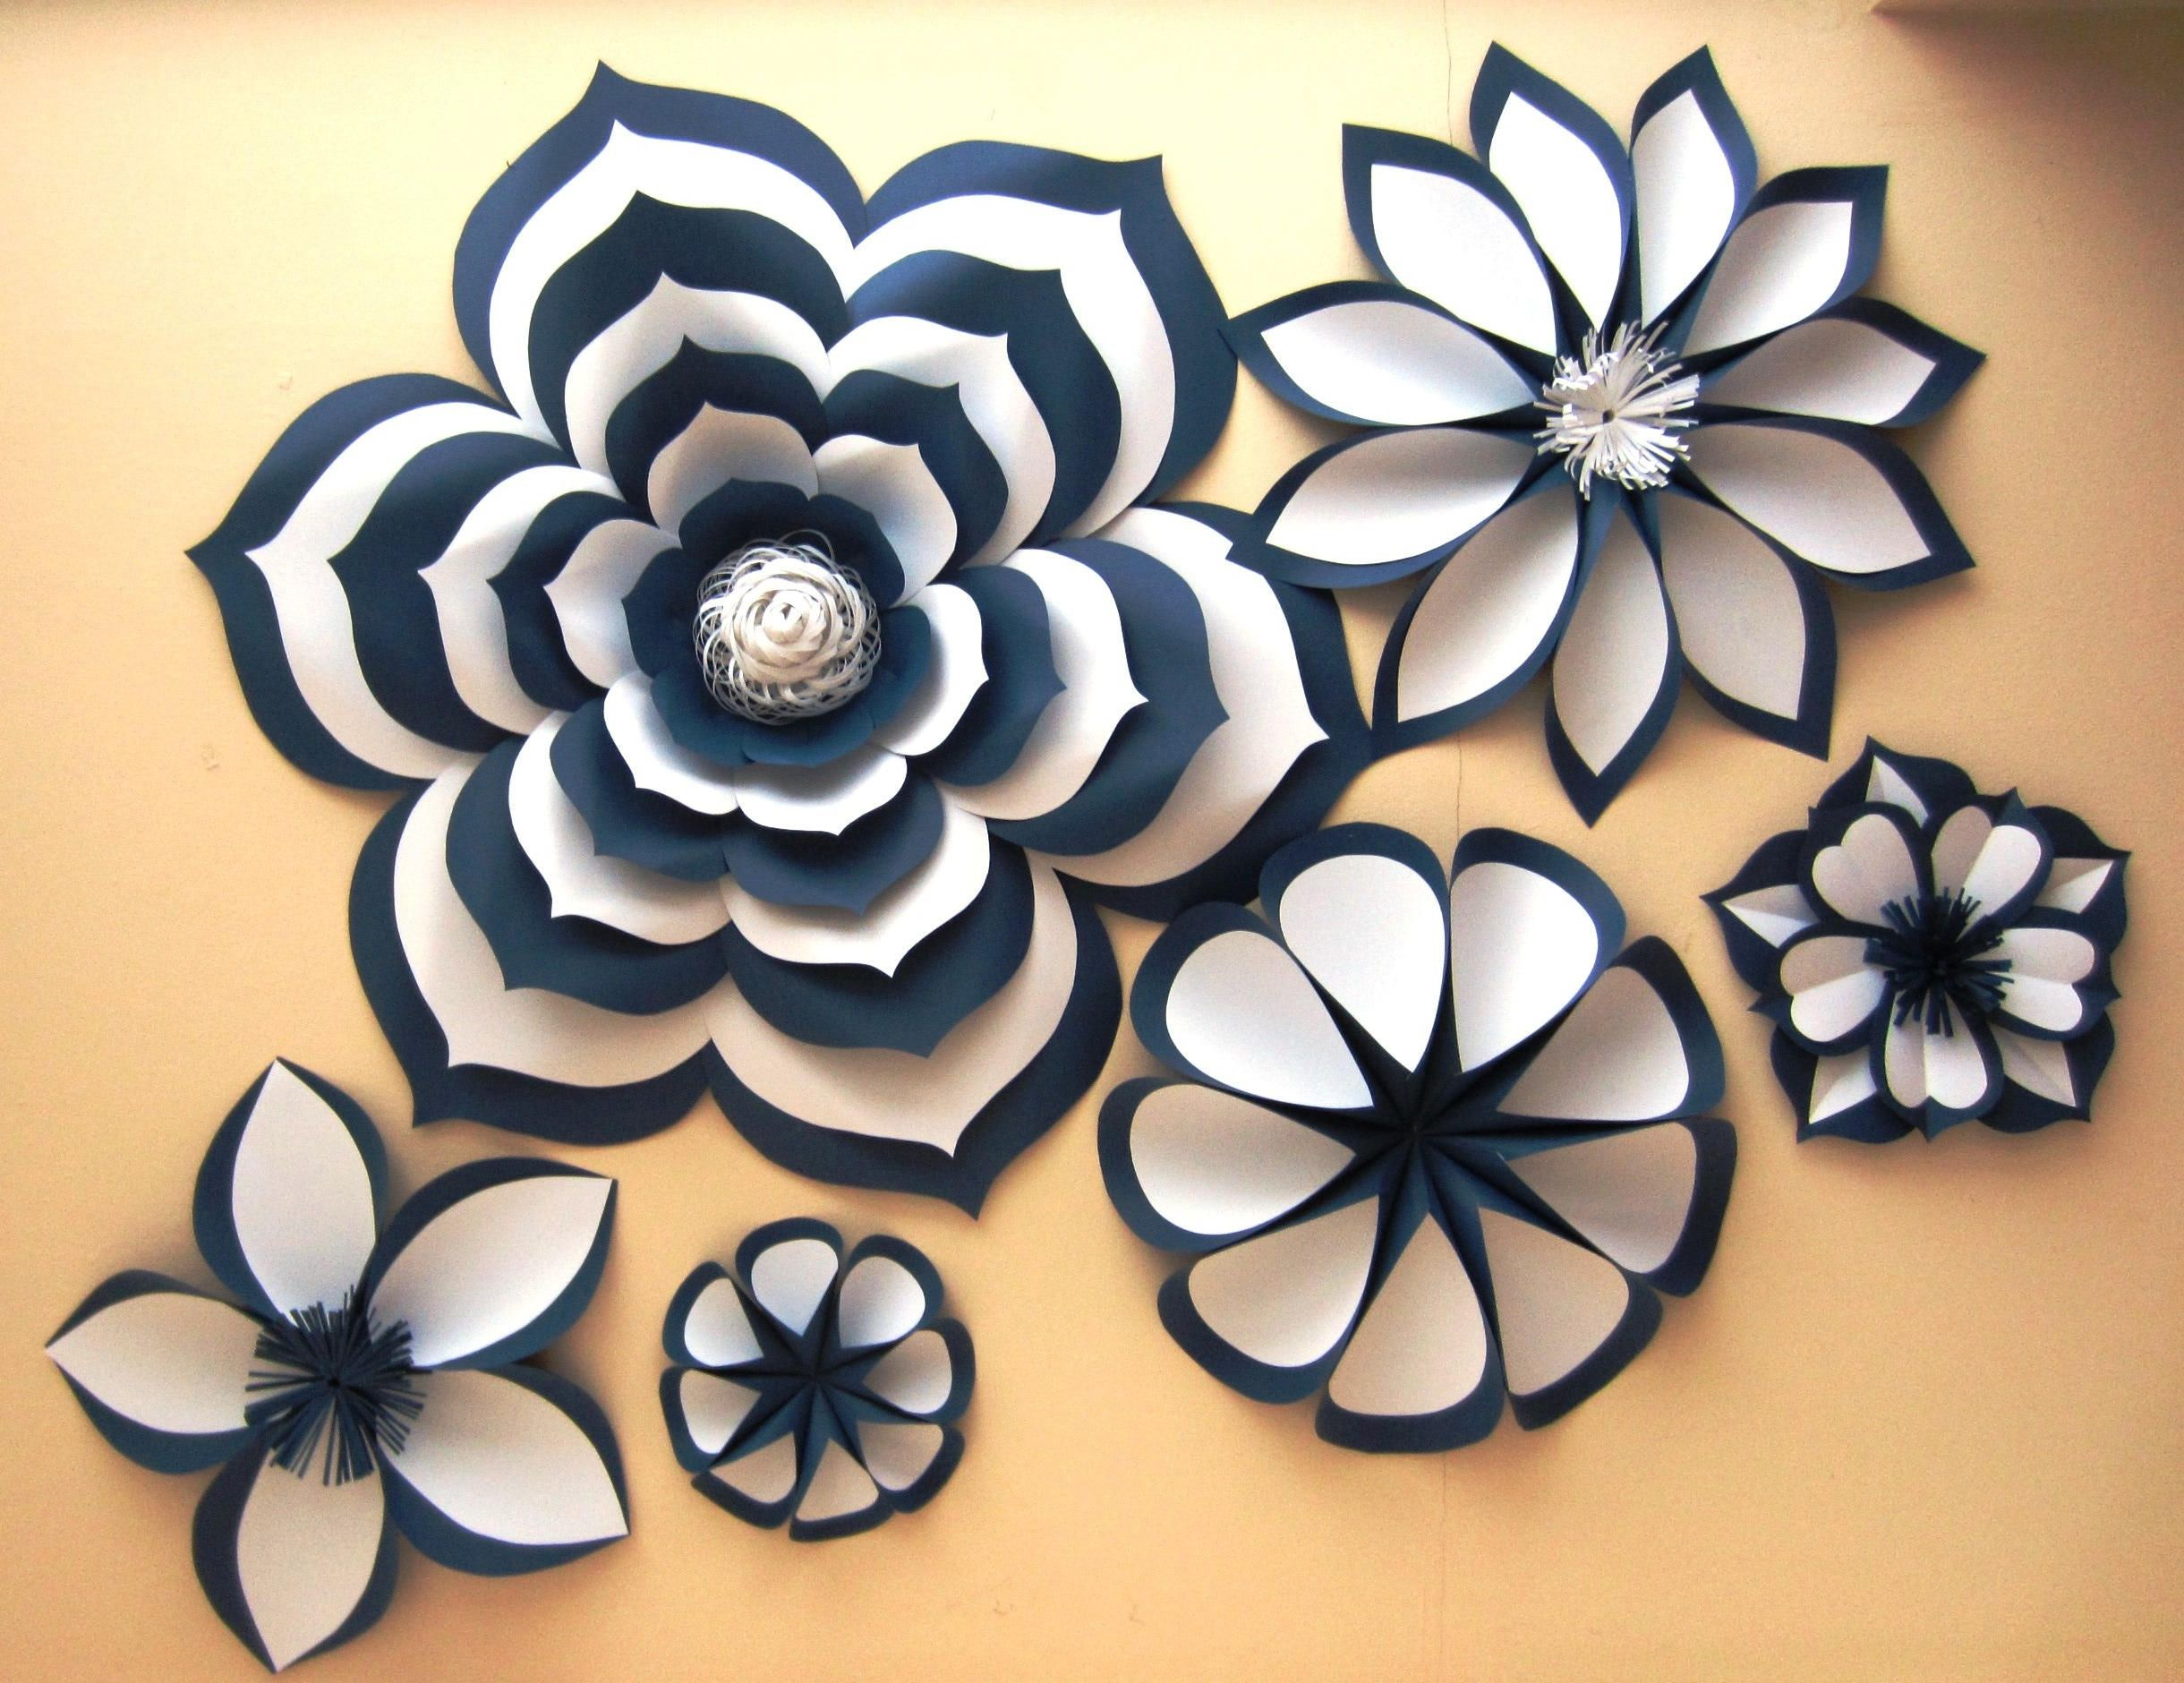 paper dresses pinterest HANDY DIY DIY Easy Paper Heart Flower Wall Art Ideas for the House Pinterest